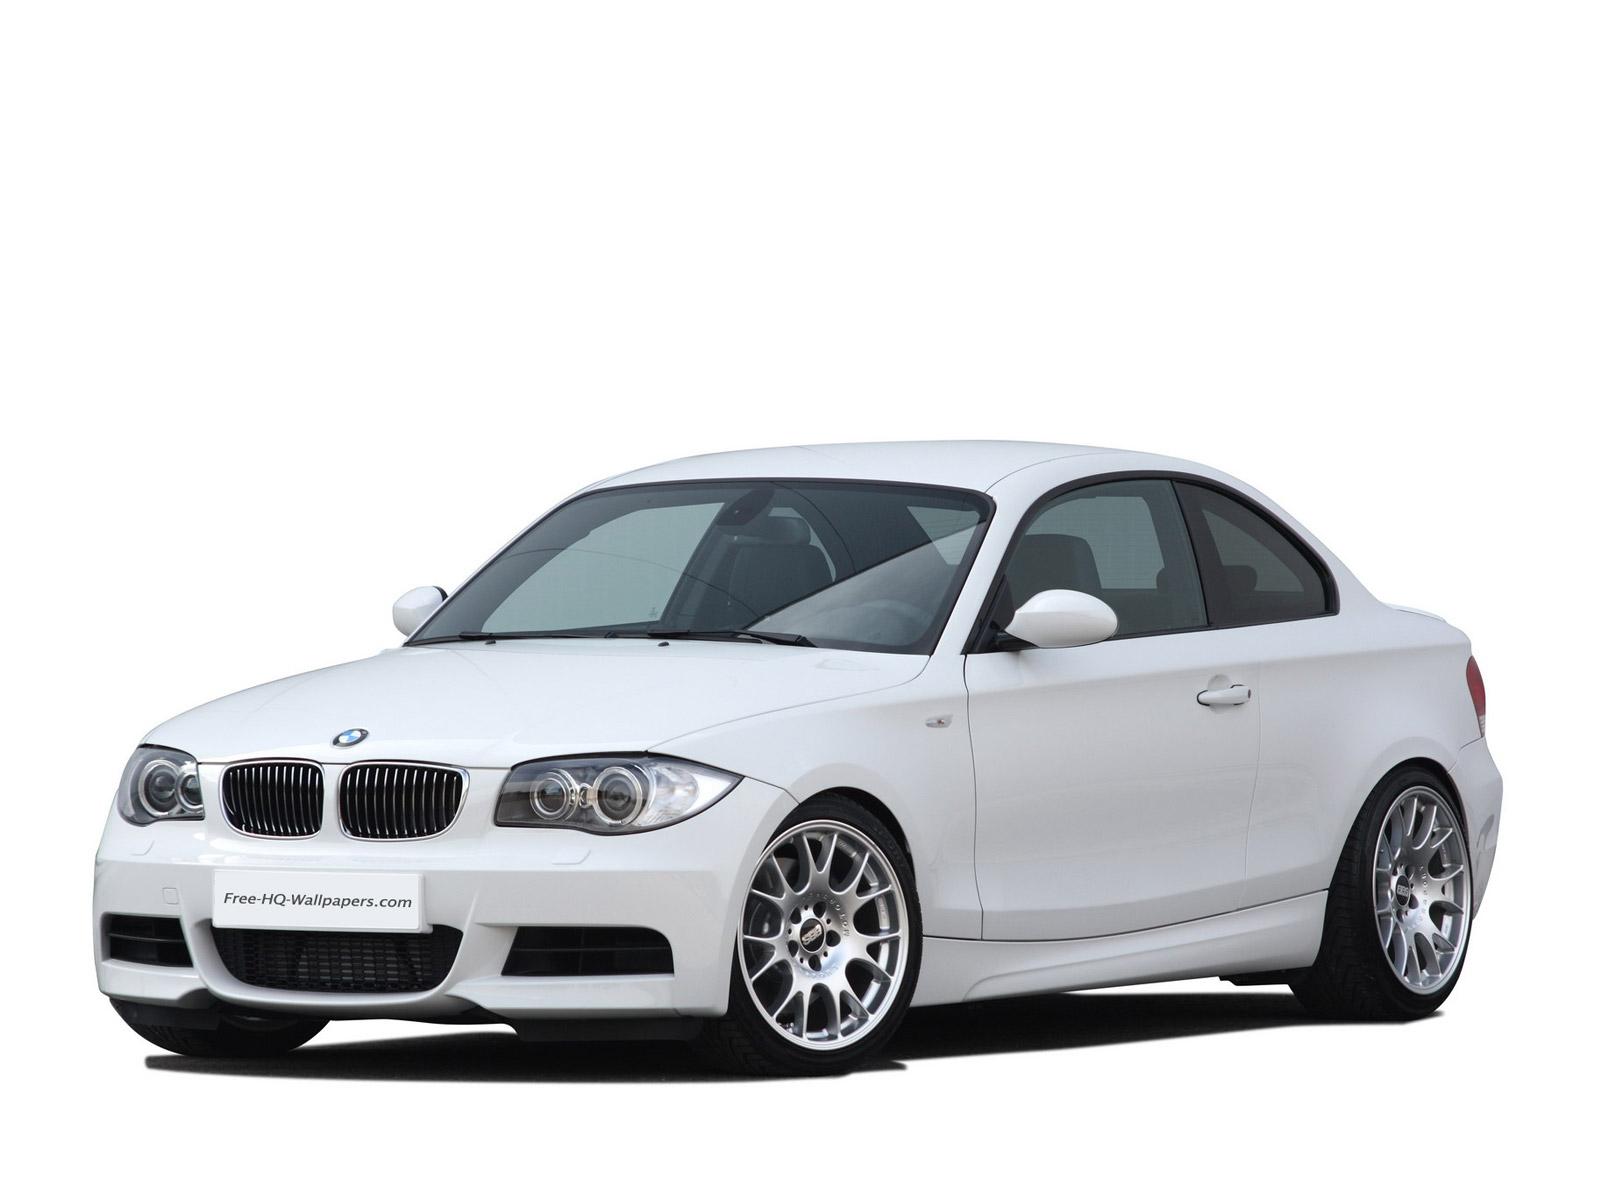 White BMW wallpaper | 1600x1200 | #4188